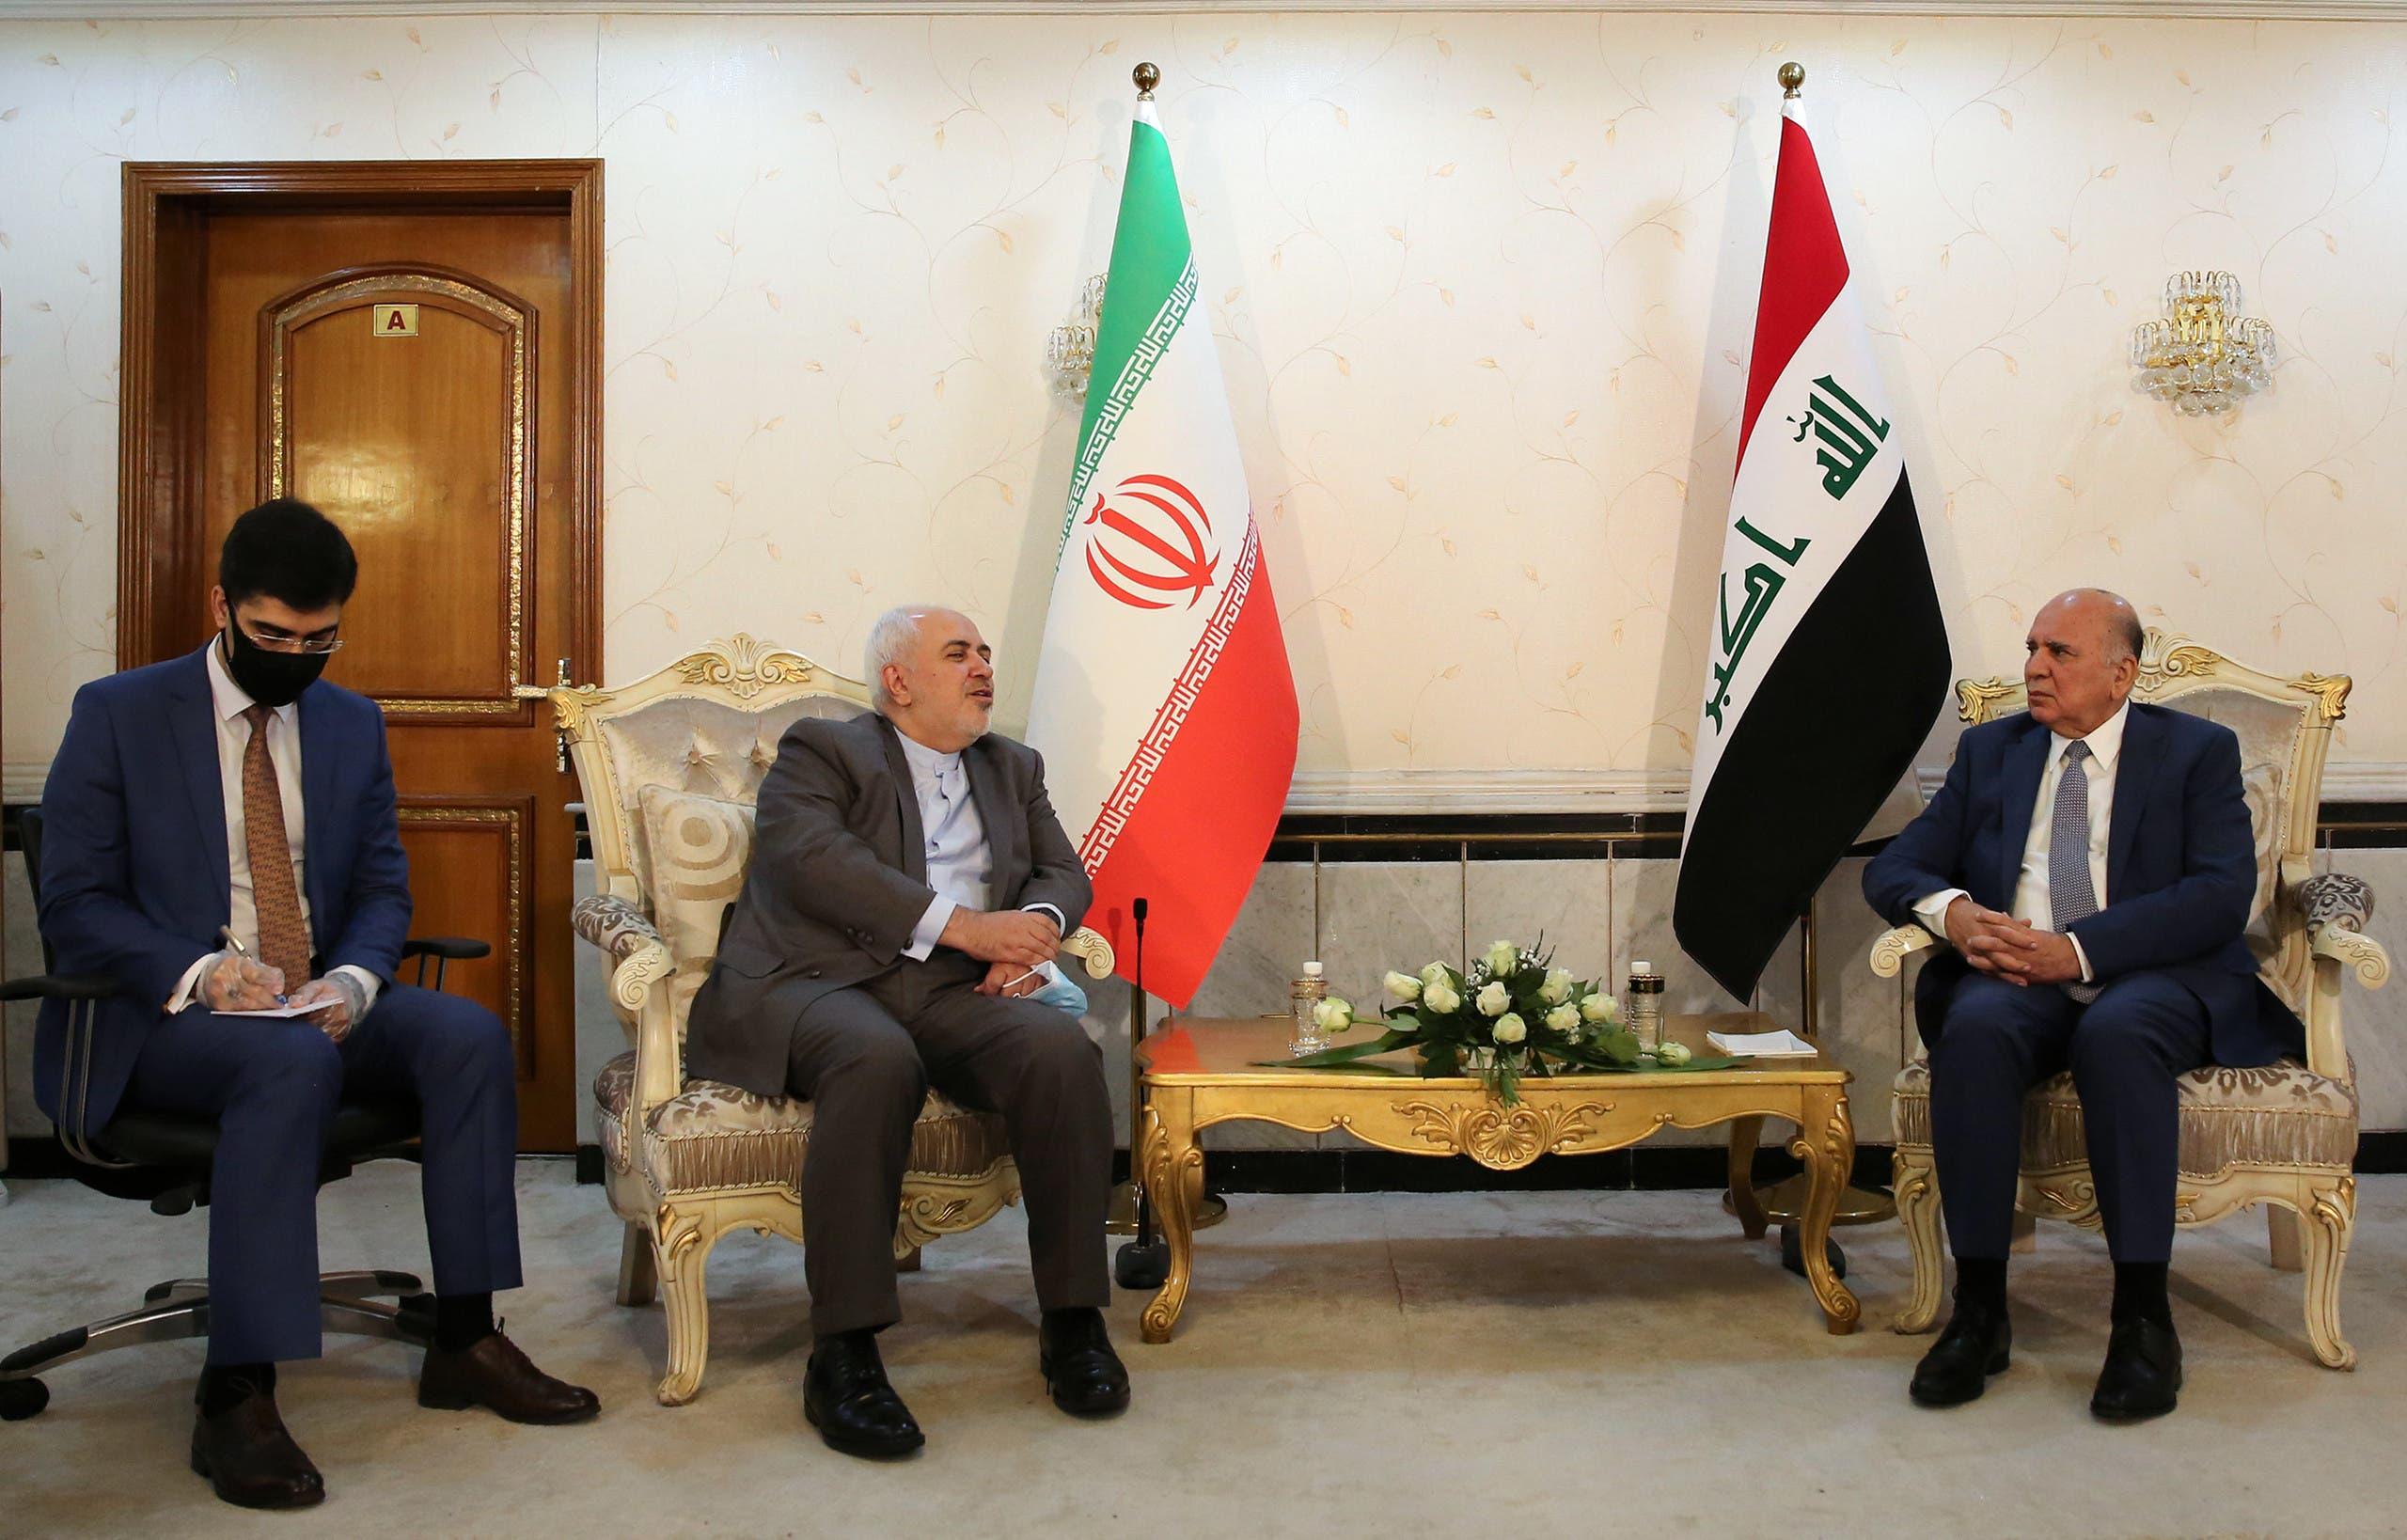 وزير الخارجية العراقي فؤاد حسين خلال لقائه نظيره الإيراني في بغداد (19 يوليو 2020- فرانس برس)